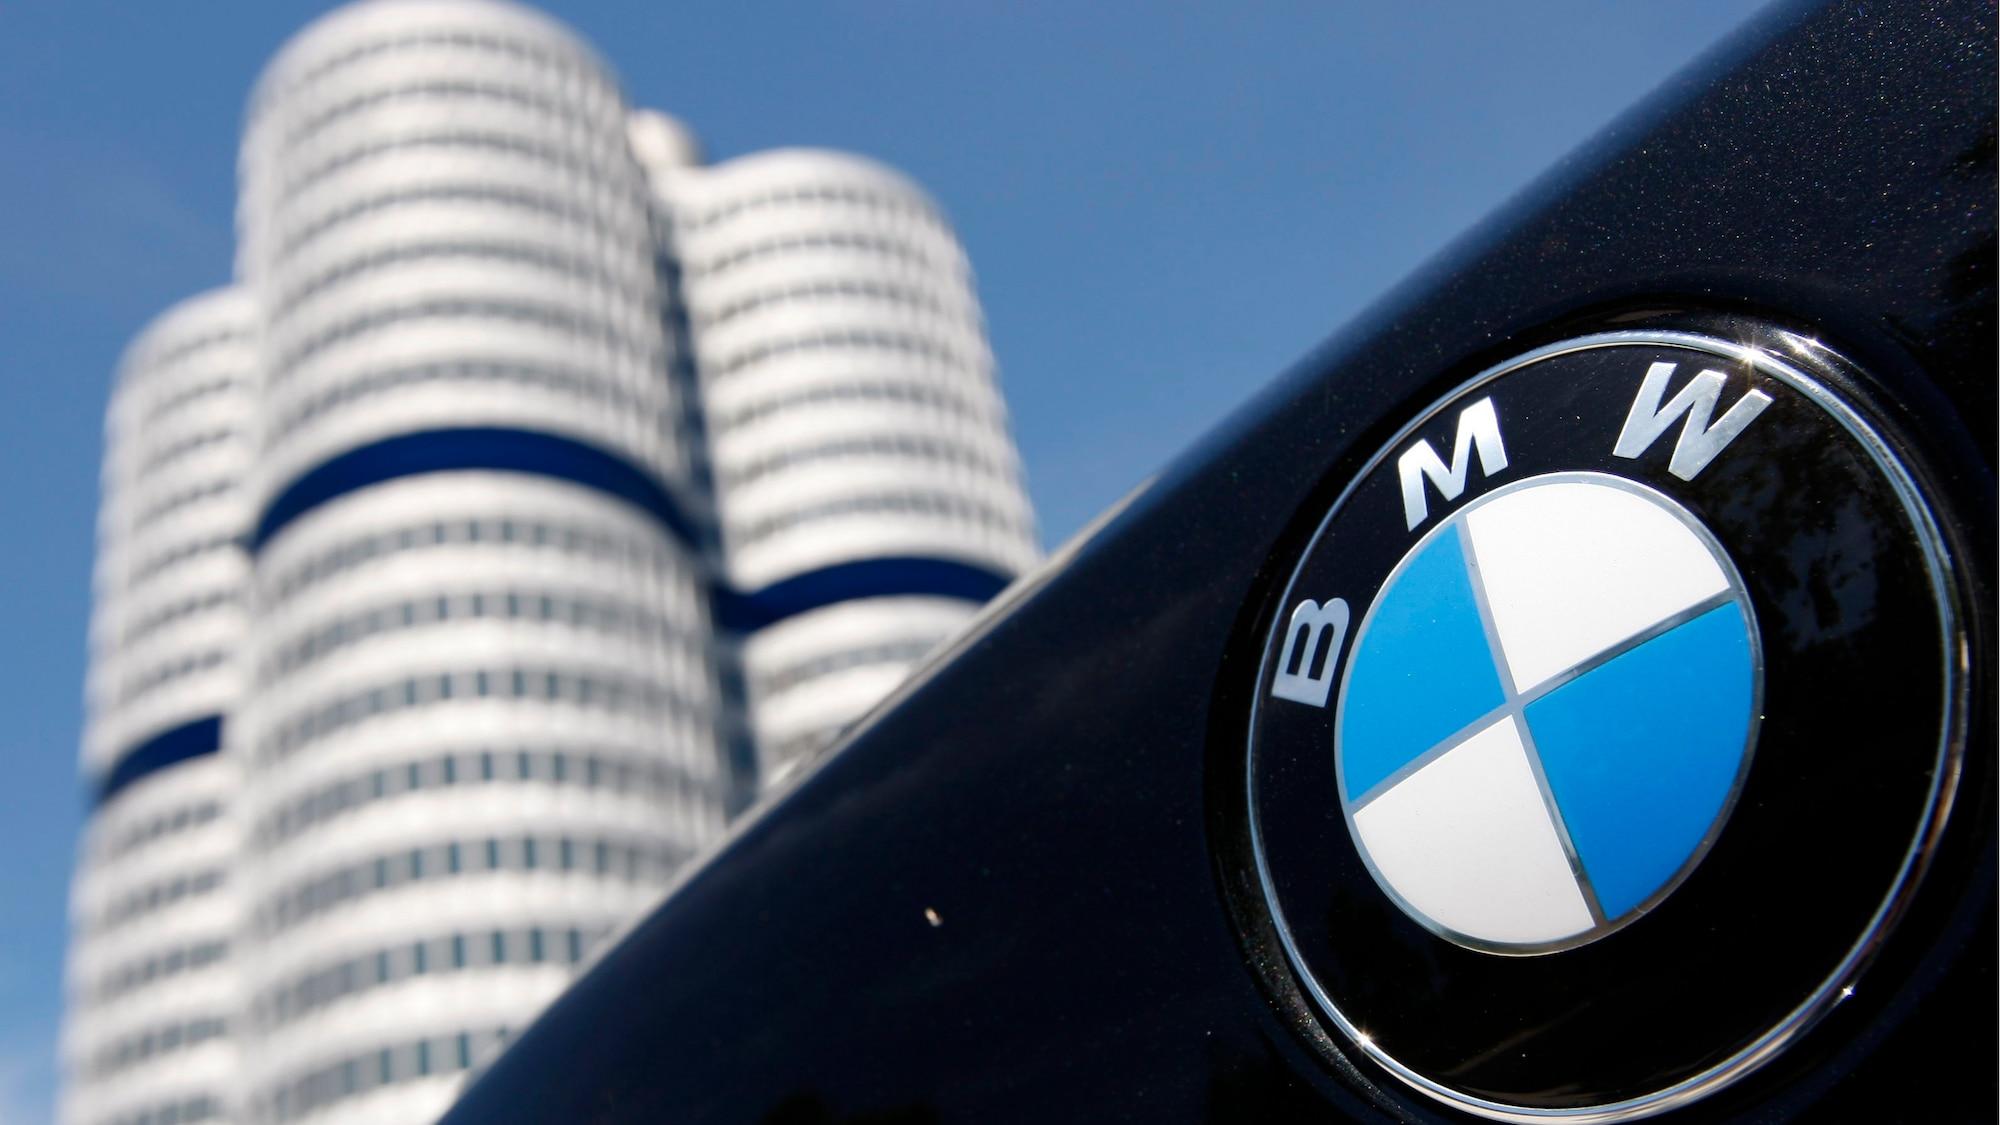 Nicht halb so grün wie der Grüne Girod wirbt: BMW lädt Kunden zu unnötigen Heli-Flügen ein